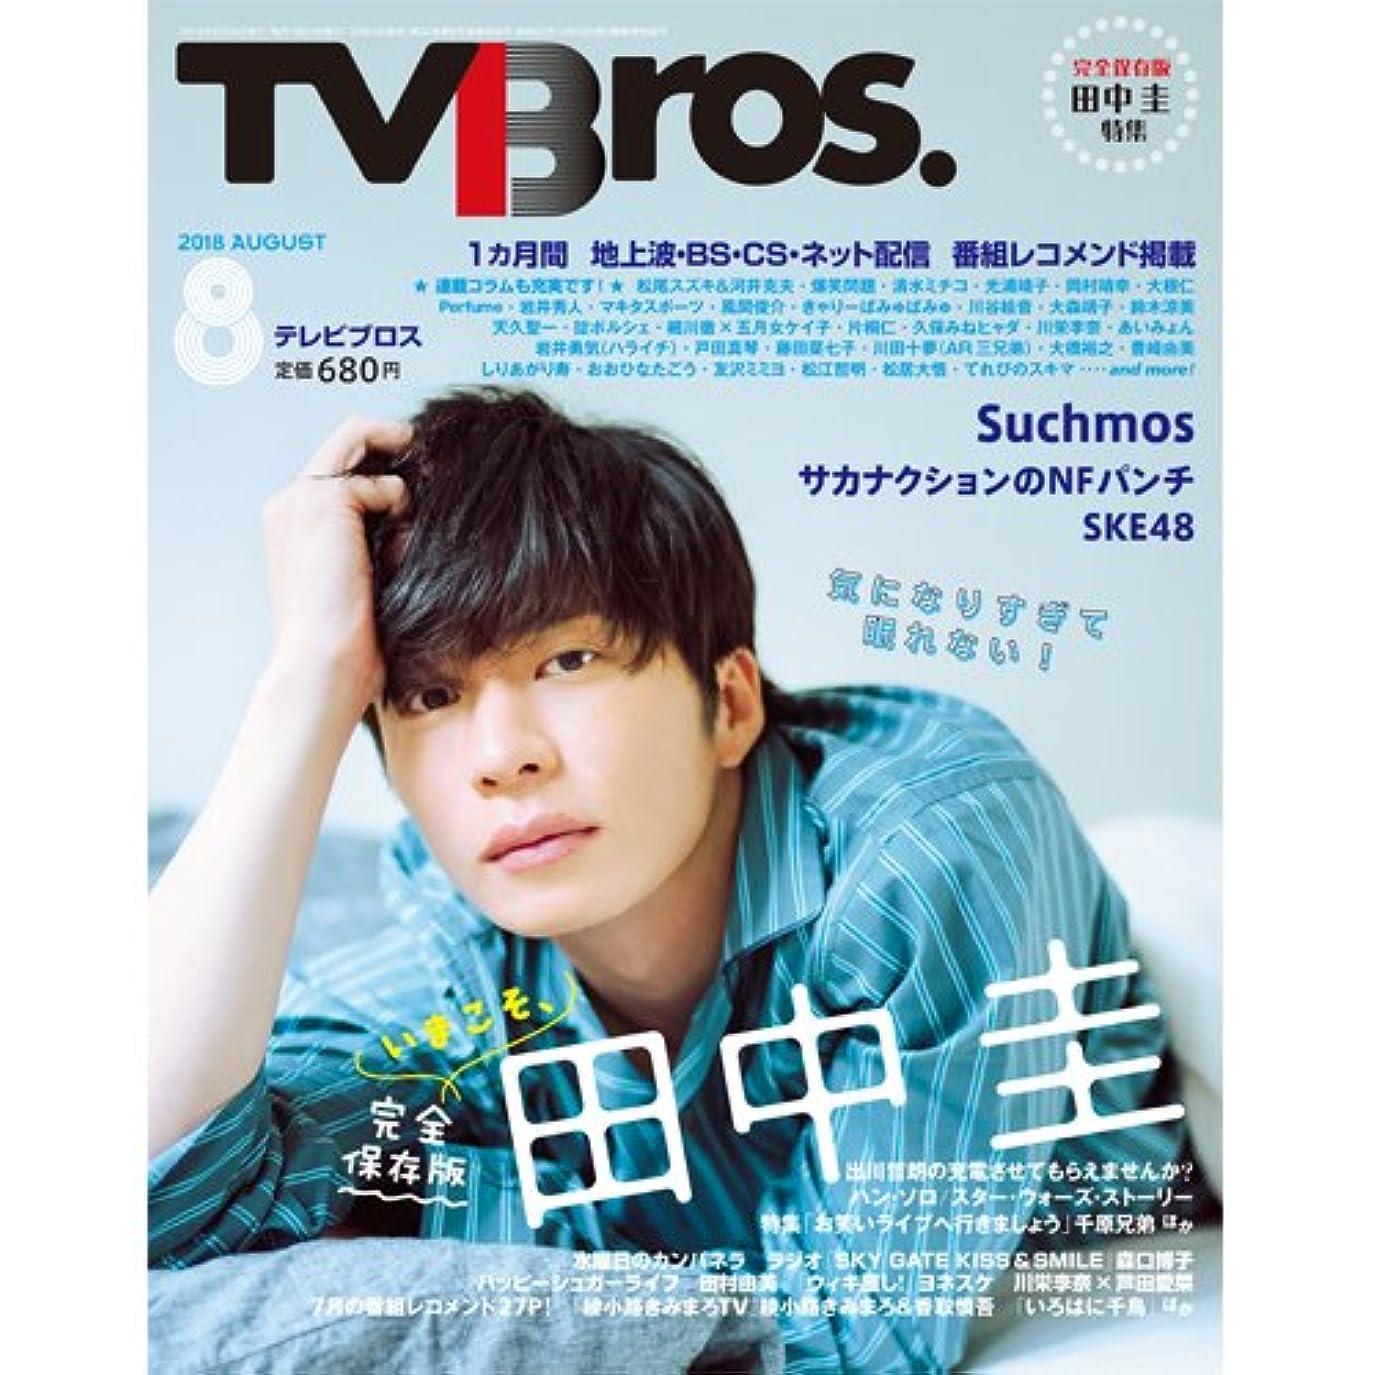 つぼみオペレータープロフィールTVBros.2018年8月号